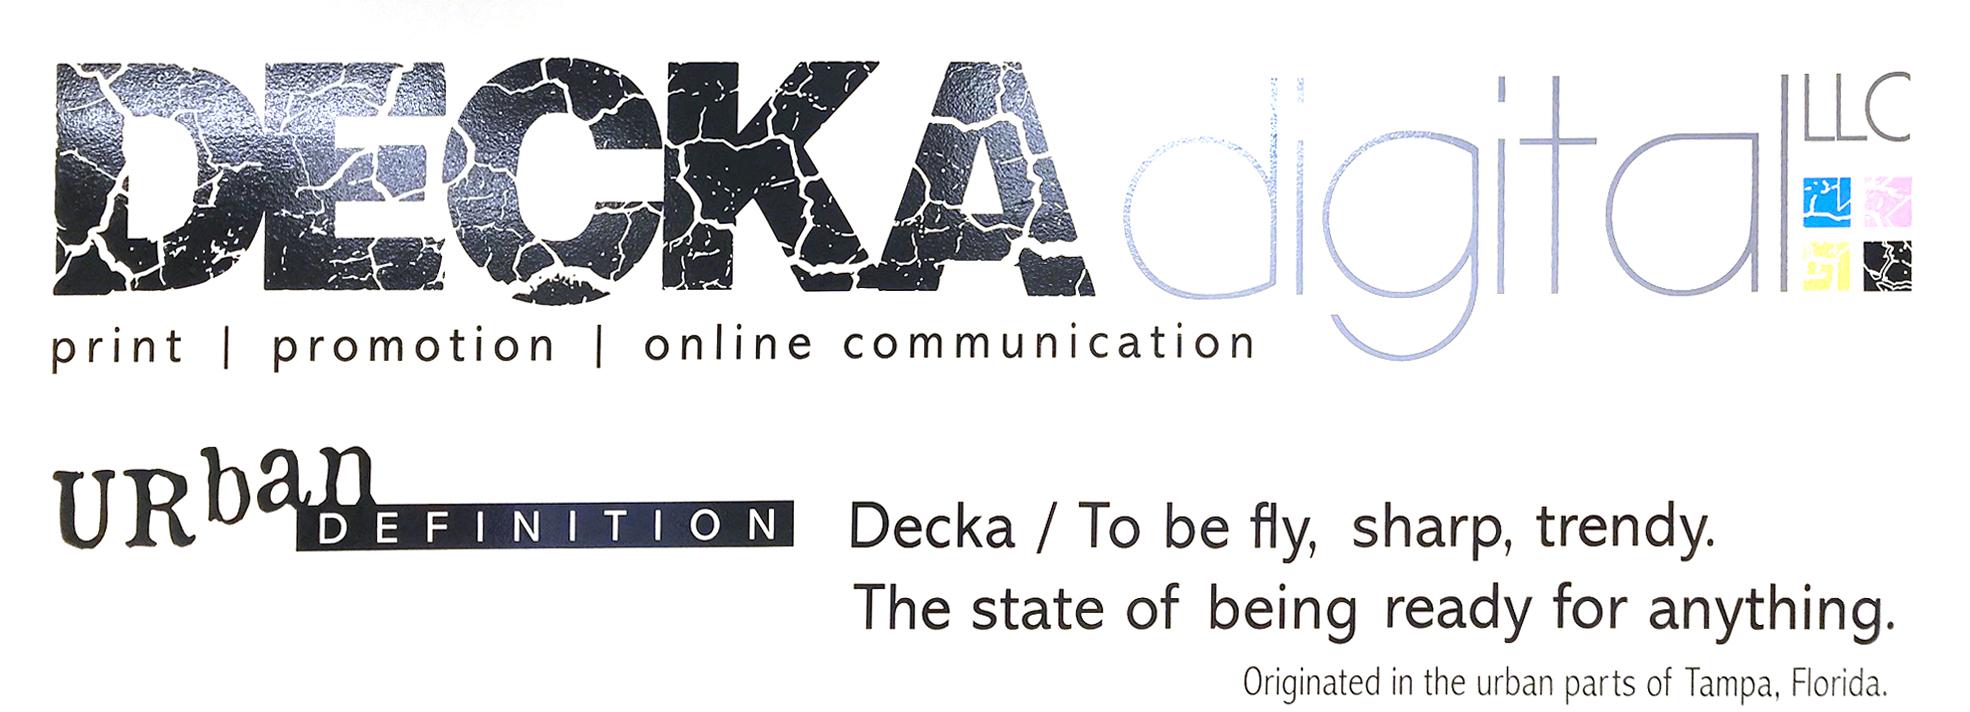 decka digital wall graphic